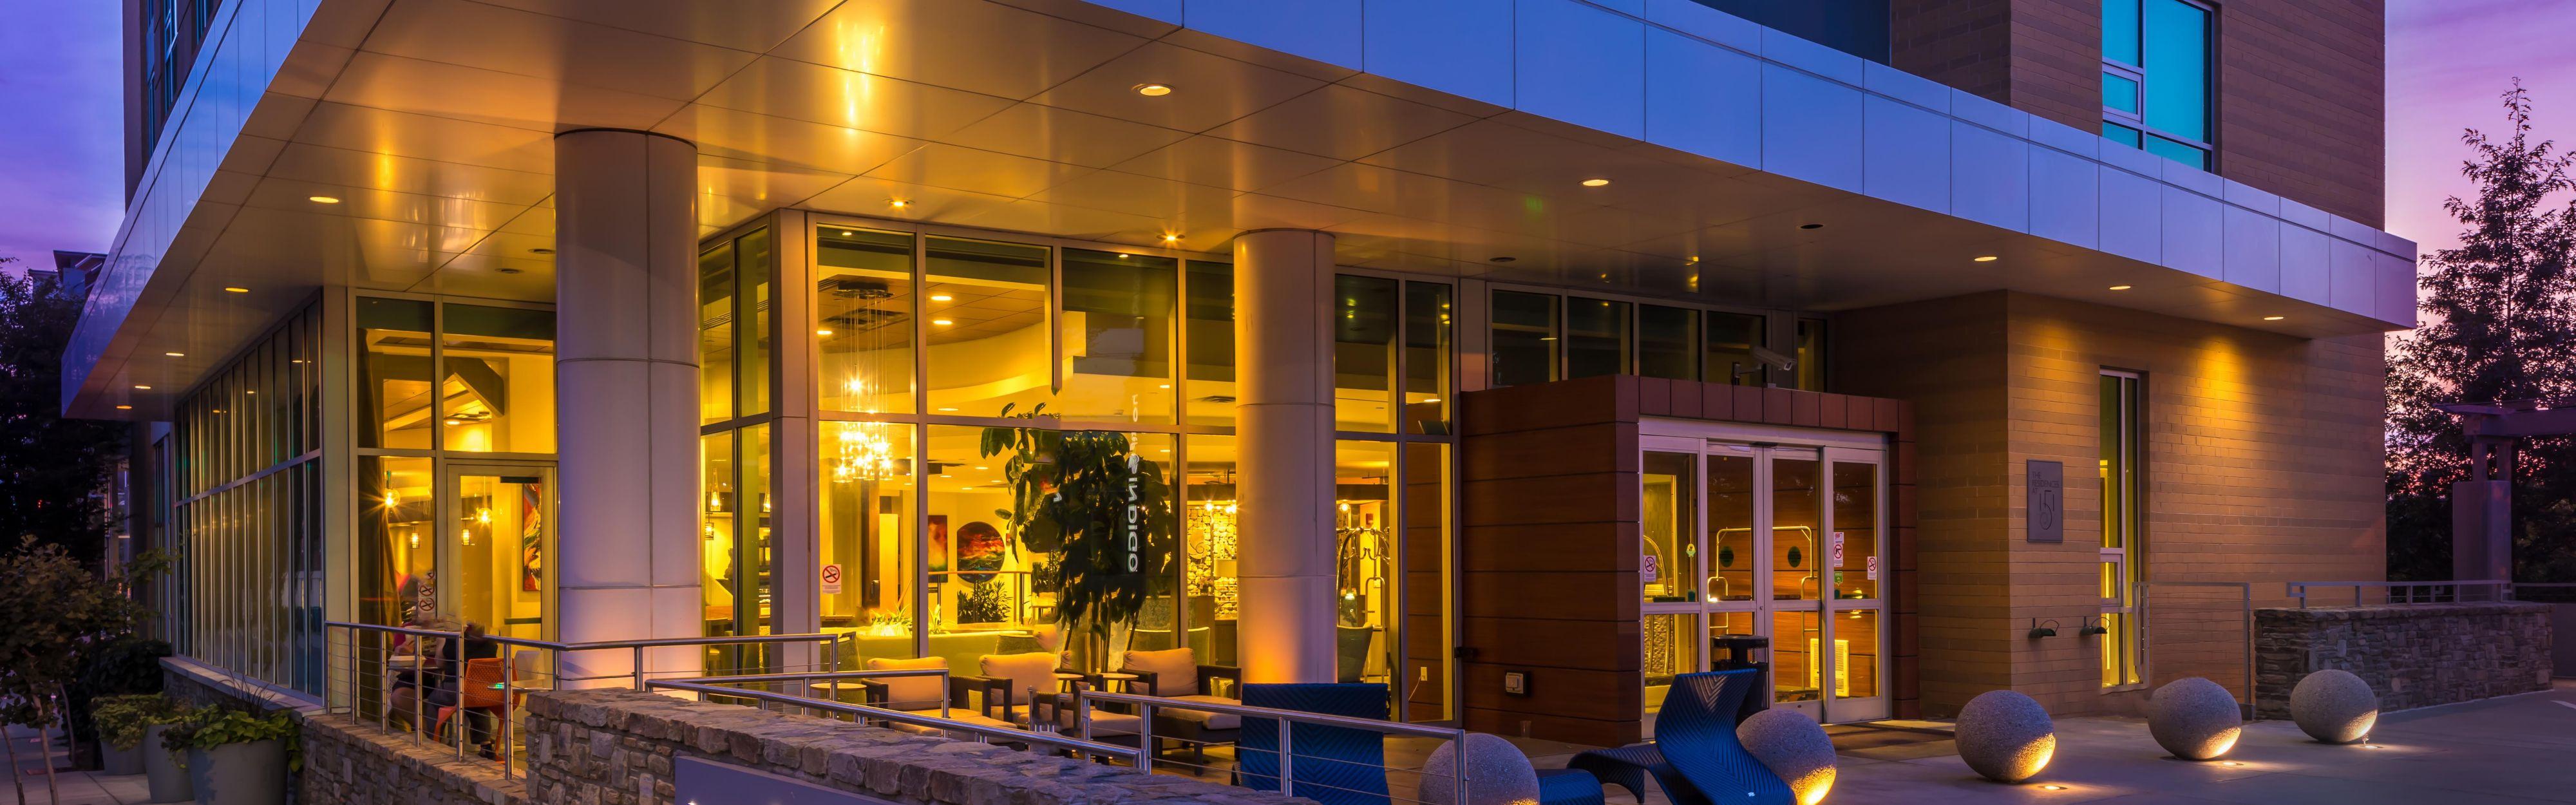 Hotel Indigo Asheville Downtown Asheville Nc